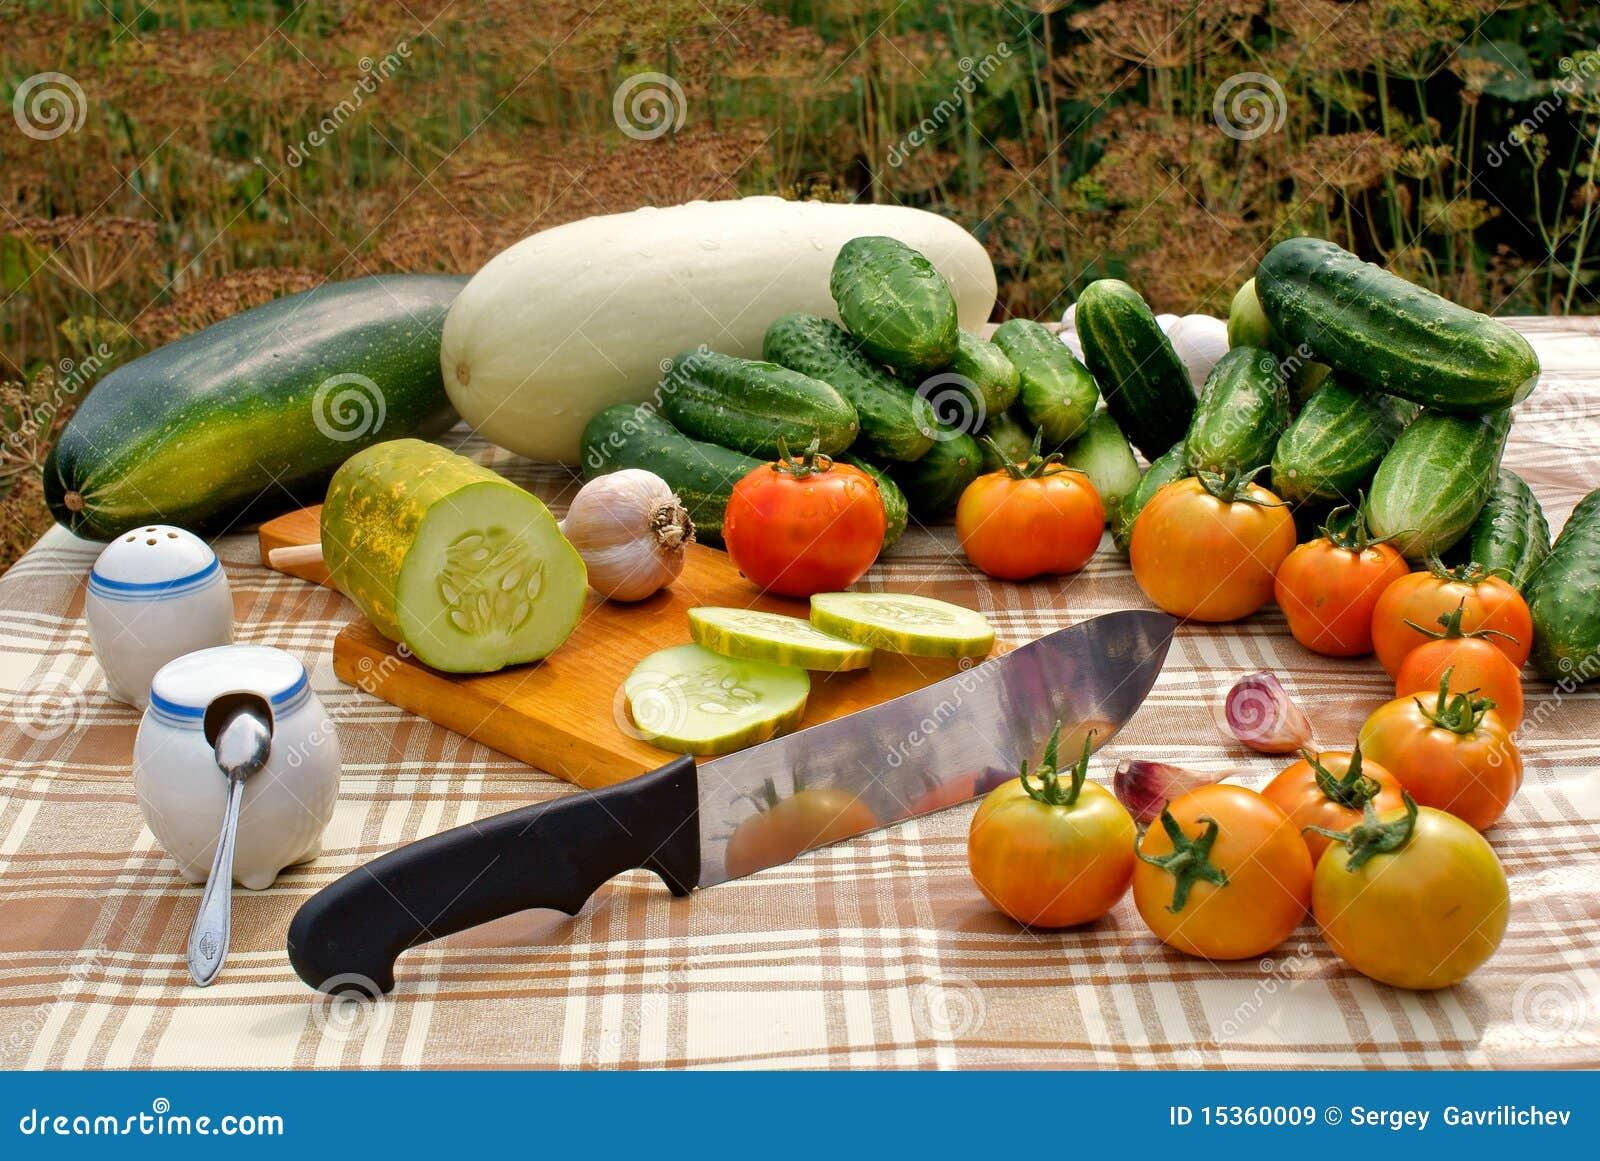 Appetizing vegetable snack